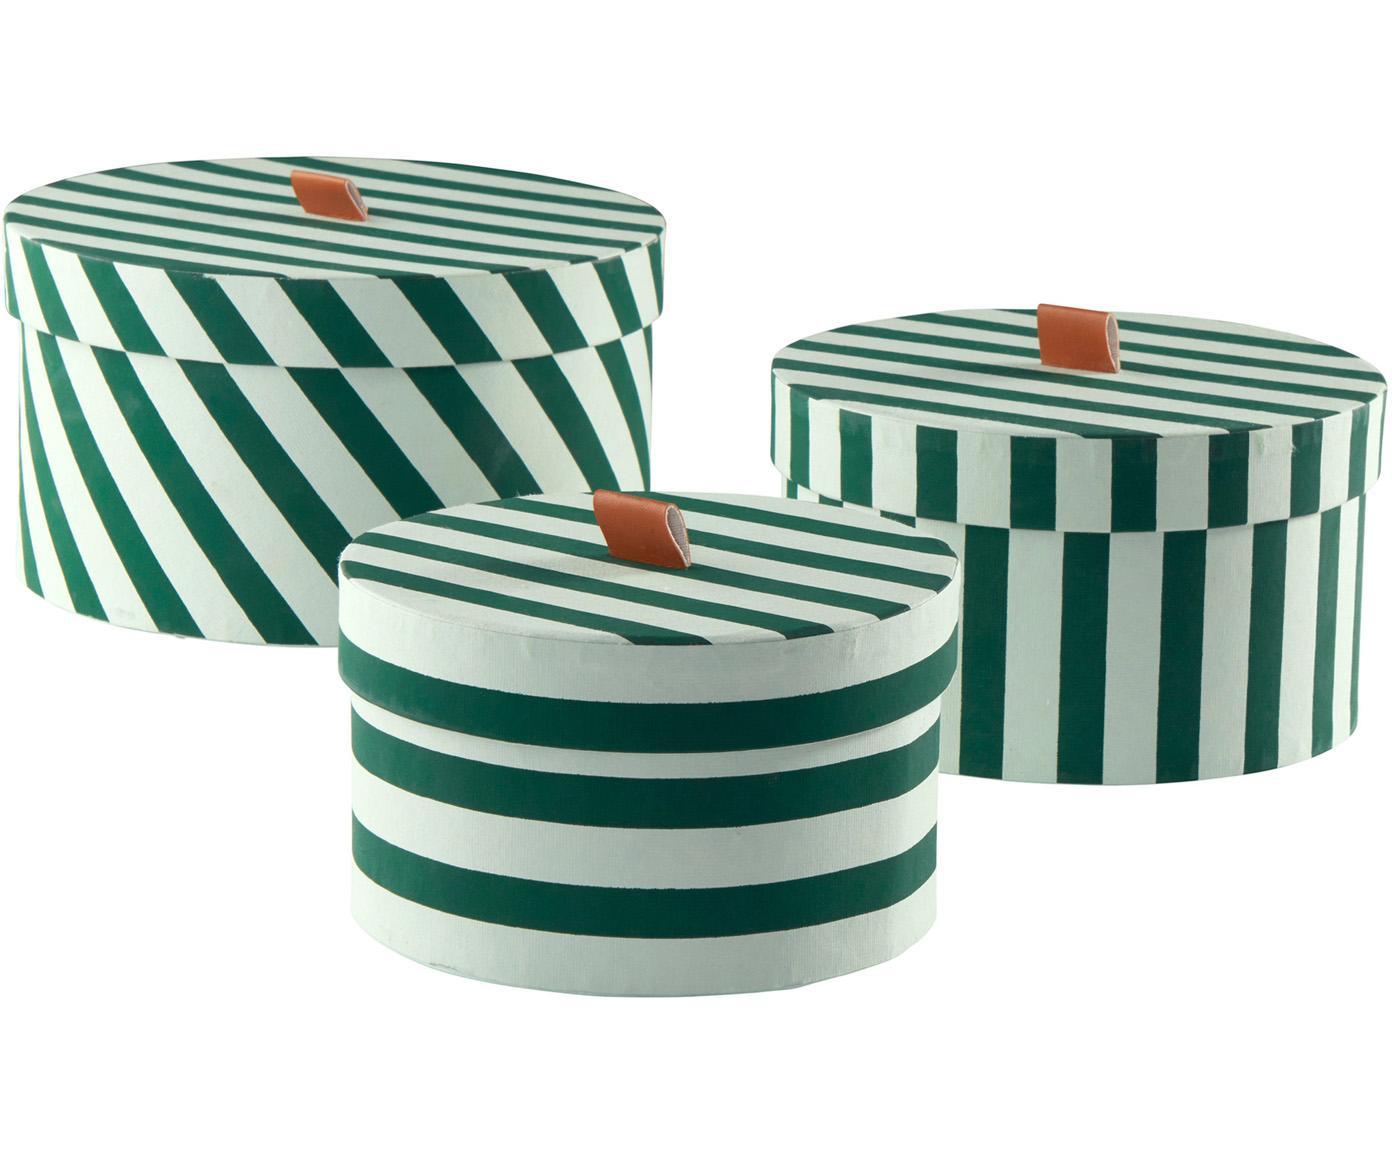 Pudełko do przechowywania Dizzy, 3 elem., Tektura, Zielony, Różne rozmiary